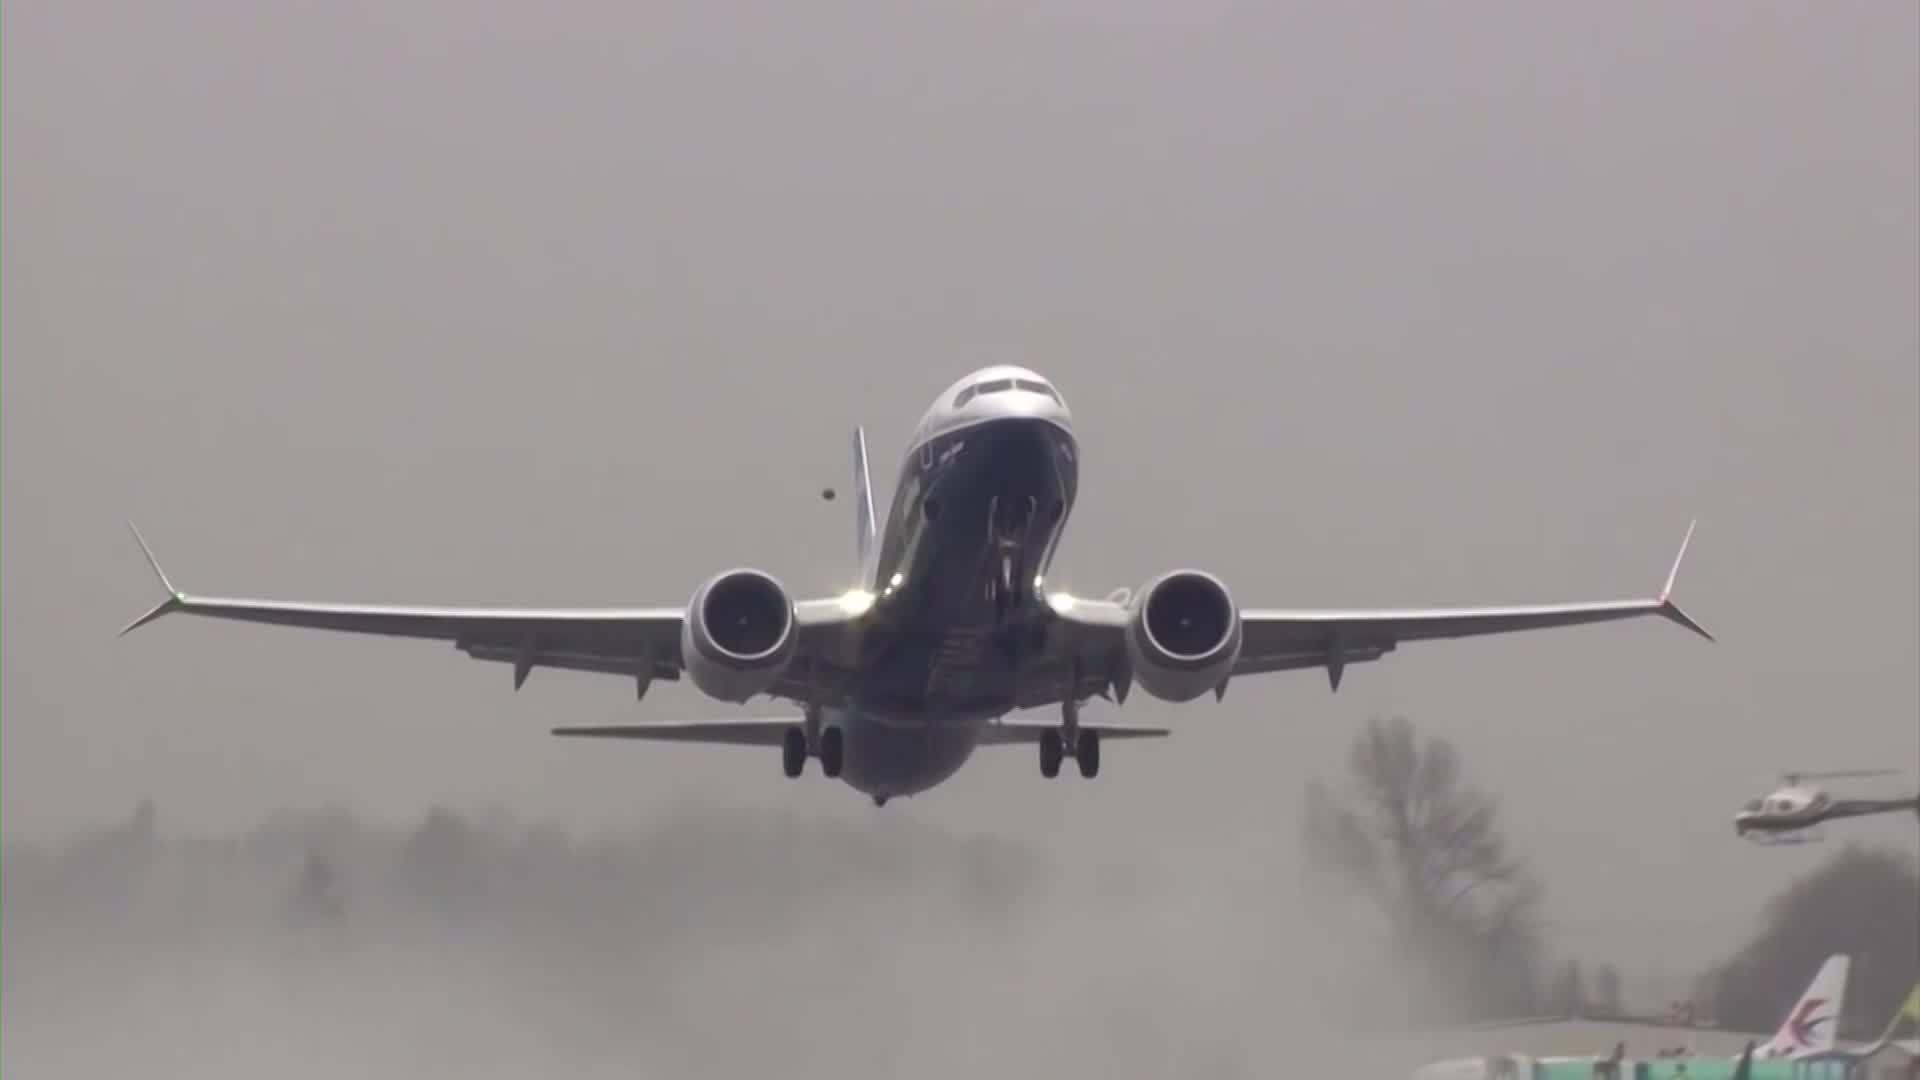 Congress_grills_FAA__NTSB_at_hearing_4_20190515223713